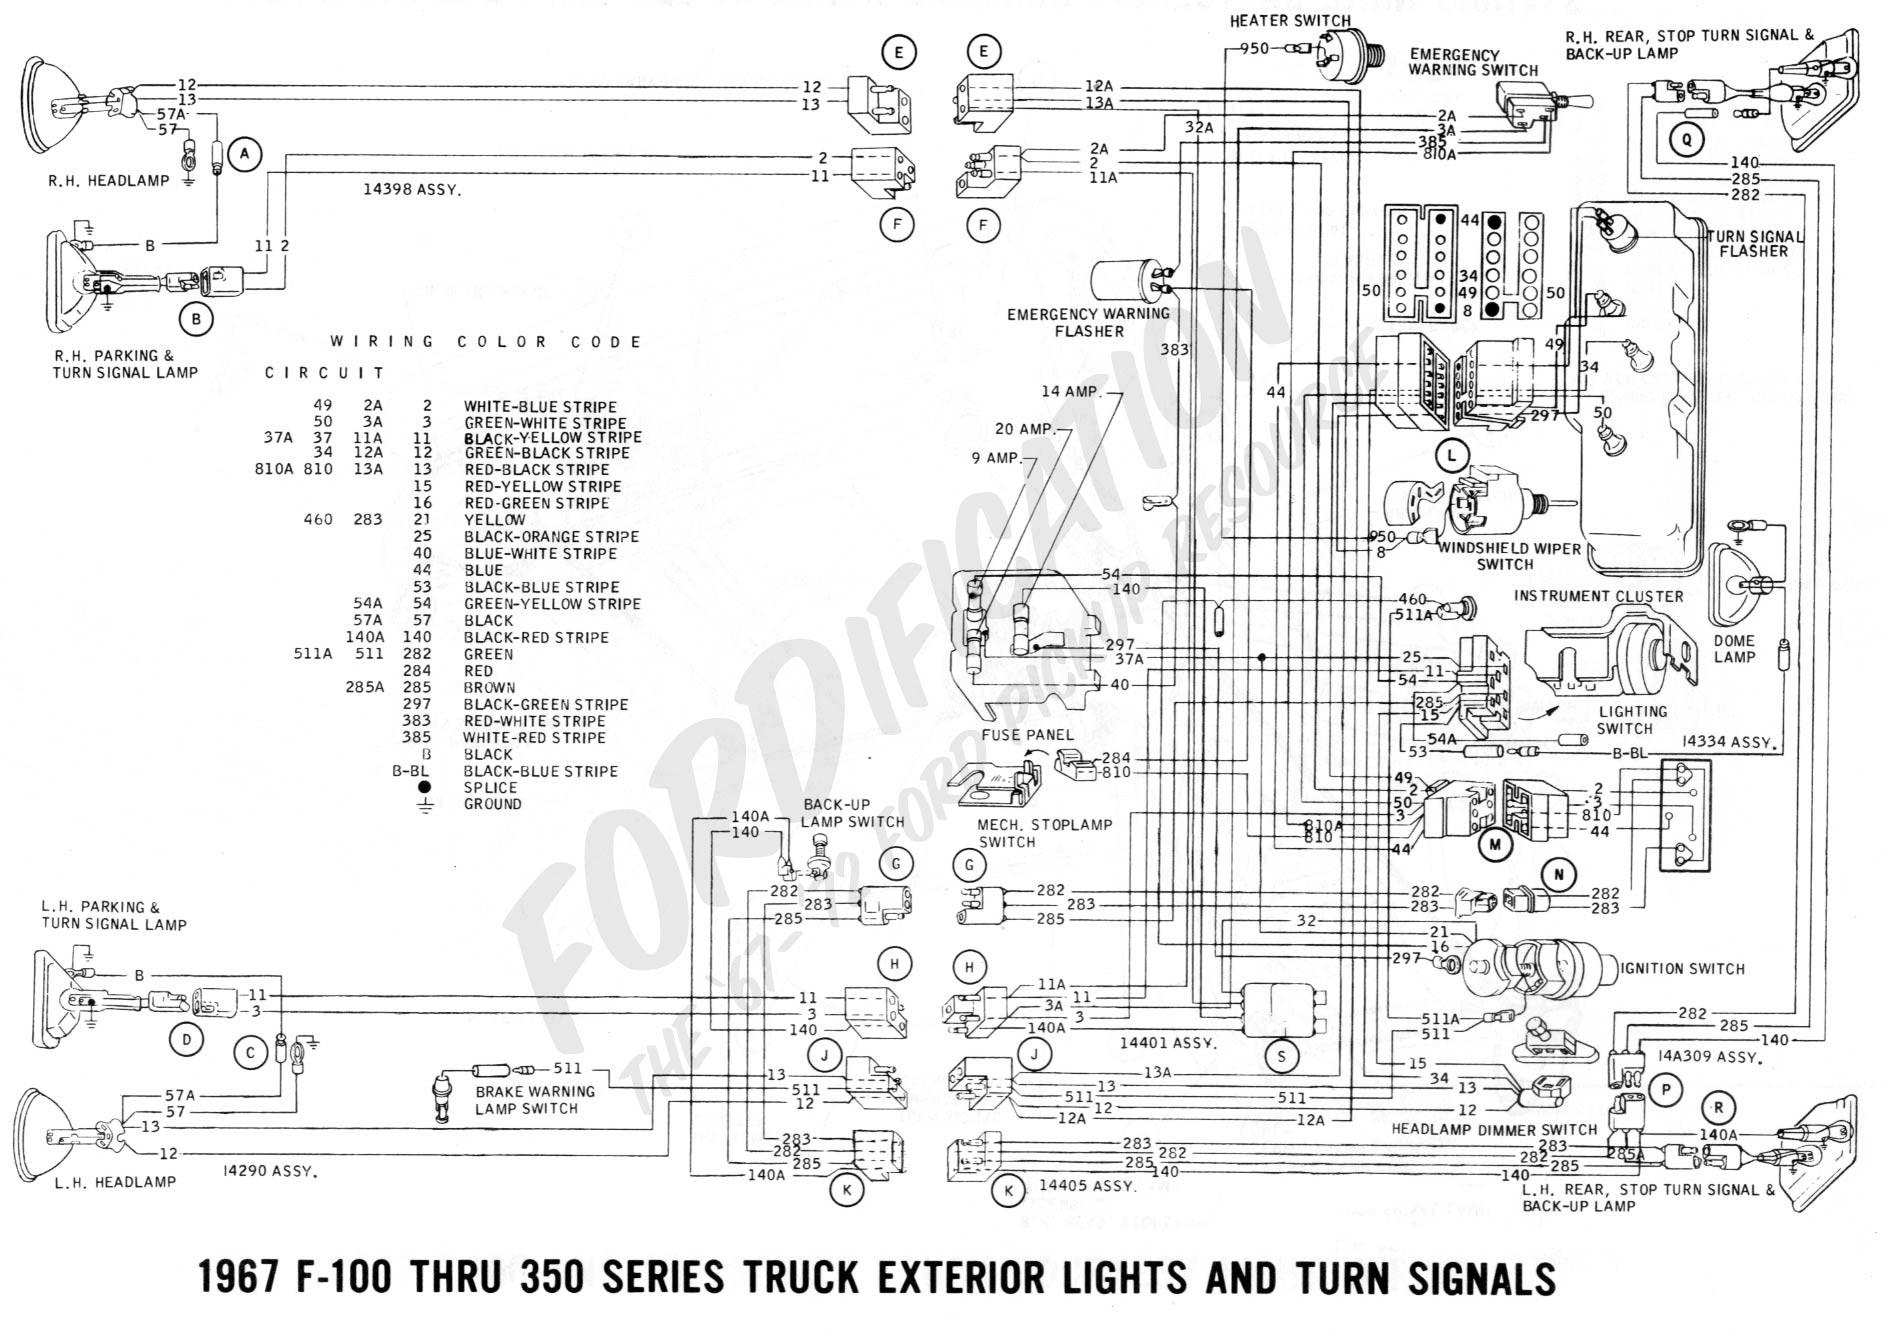 1967 F 100 Steering Column Wiring Diagram | Wiring Schematic ...  Chevy Truck Wiring Diagram Vanthe Steering on 87 chevy wiring diagram, 1963 chevy nova wiring diagram, 2001 chevy malibu radio wiring diagram, 85 chevy truck engine, 1985 chevy wiring diagram, 1984 chevy wiring diagram, 85 chevy steering column diagram, gm starter wiring diagram, 1957 chevy headlight switch wiring diagram, 1967 chevy c10 fuse box diagram, chevy volt wiring diagram, 85 chevy alternator wiring, chevy truck ignition diagram, 1984 chevy c10 fuse box diagram, 2000 chevy express van wiring diagram, 86 chevy wiring diagram, 1985 chevrolet wiring diagram, 84 chevy truck fuse diagram, 85 chevy truck motor, chevrolet engine wiring diagram,